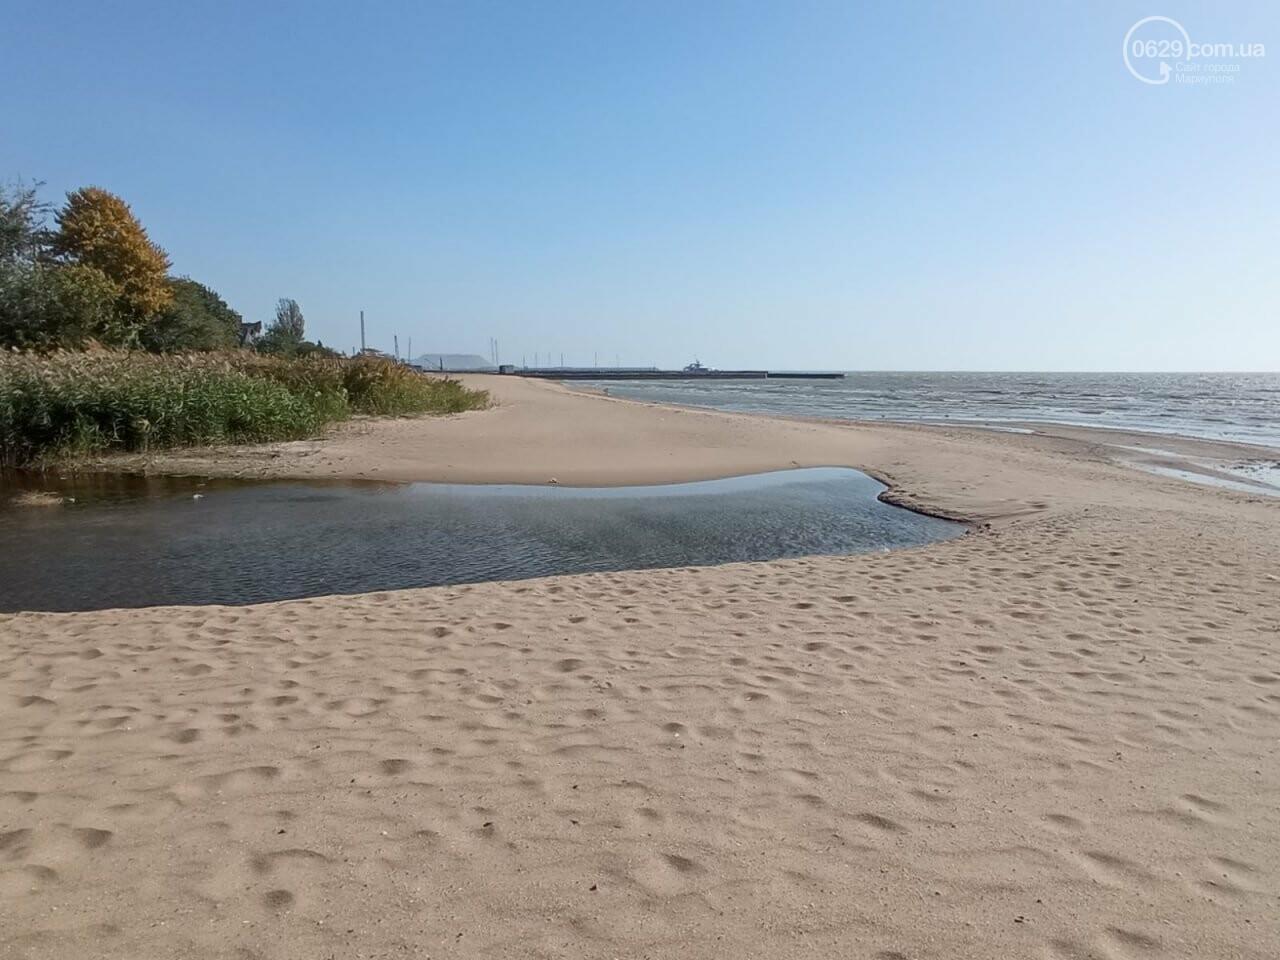 В Мариуполе море оголило дно, - ФОТОРЕПОРТАЖ, фото-4